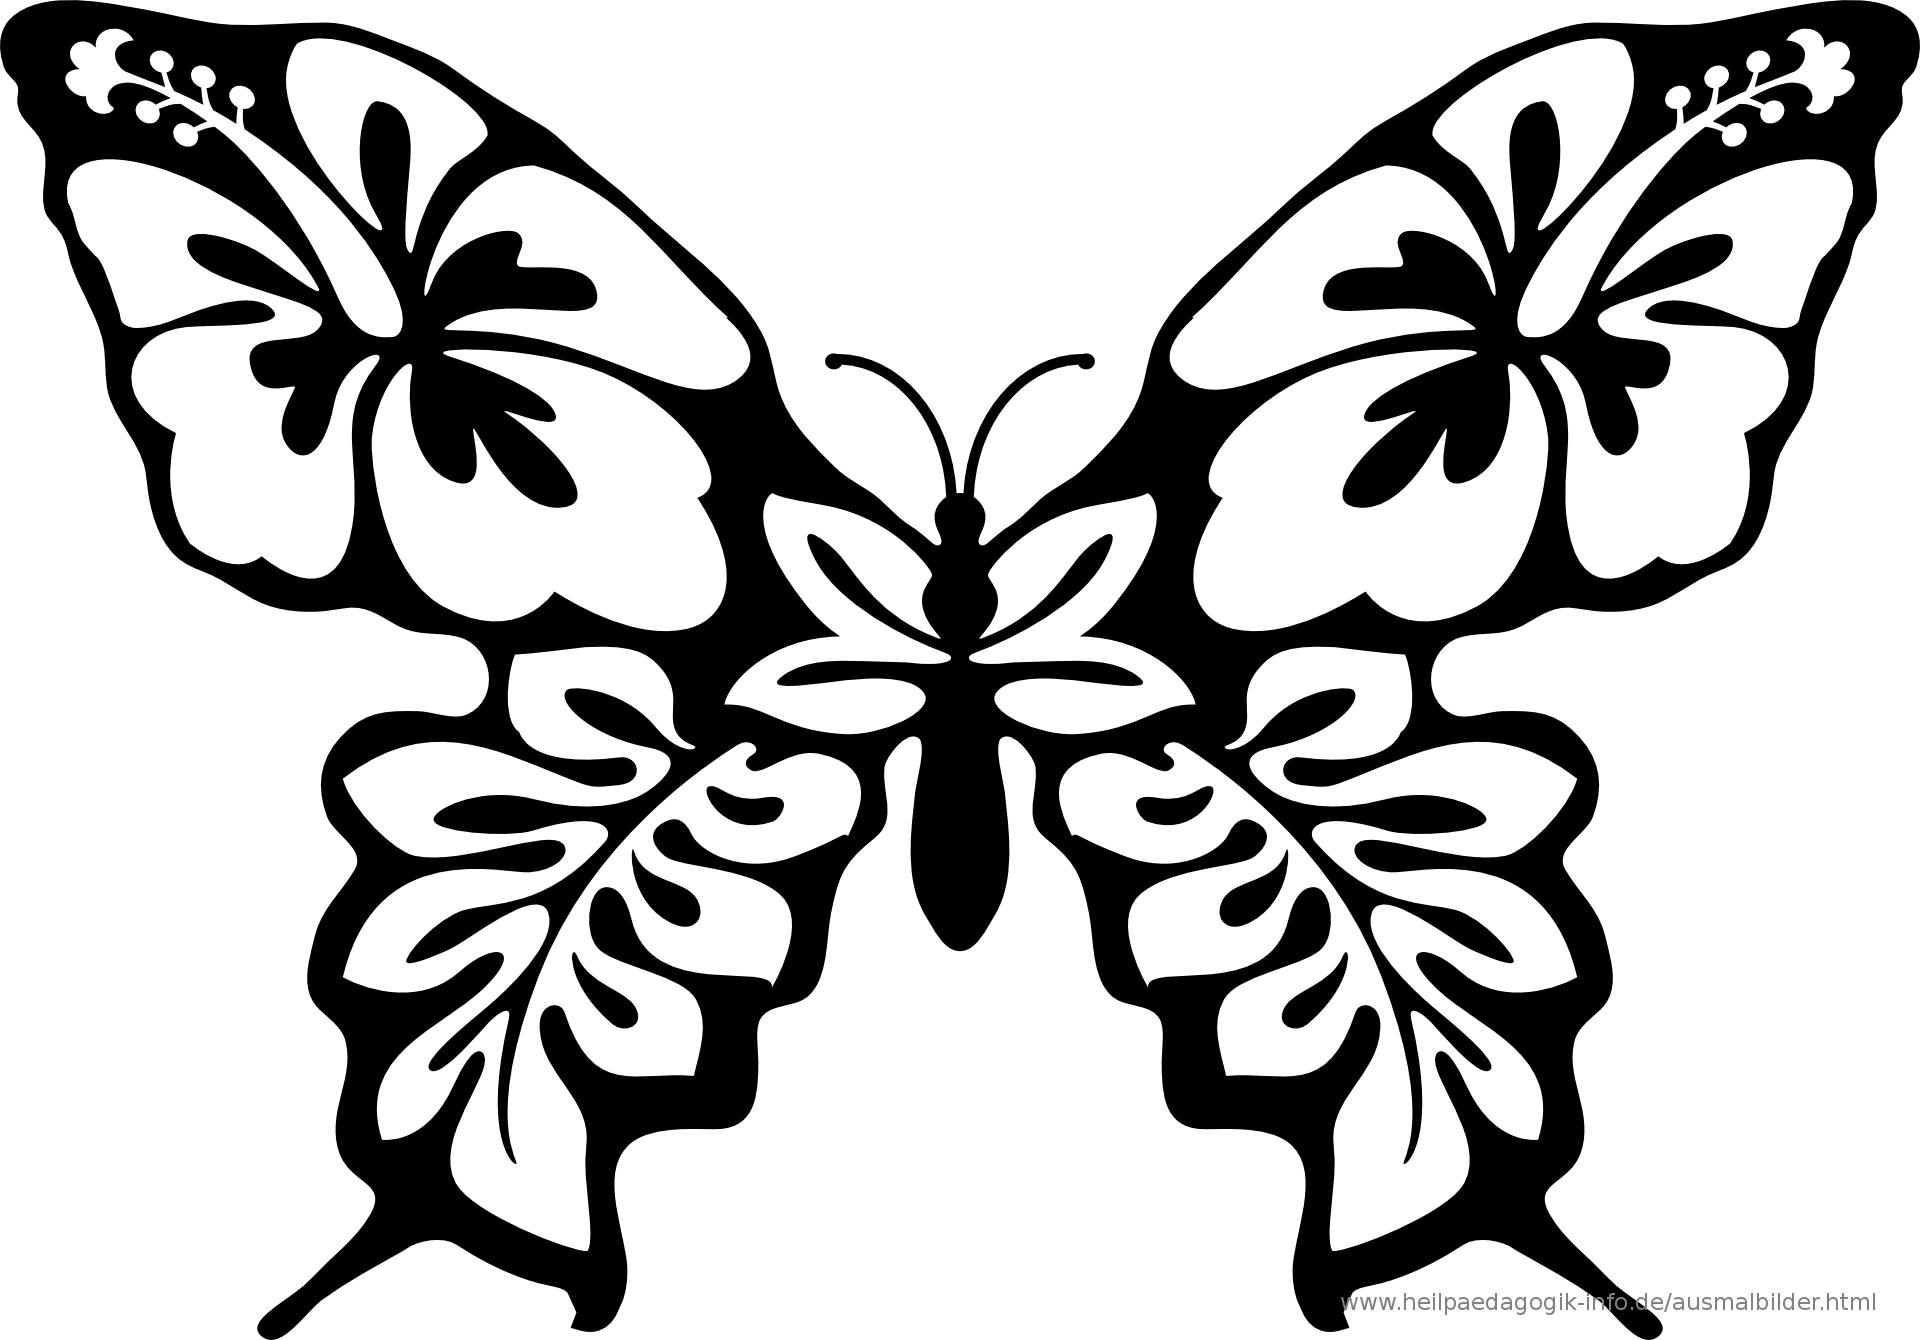 Ausmalbilder Käfer, Schmetterlinge, Insekten verwandt mit Malvorlagen Schmetterling